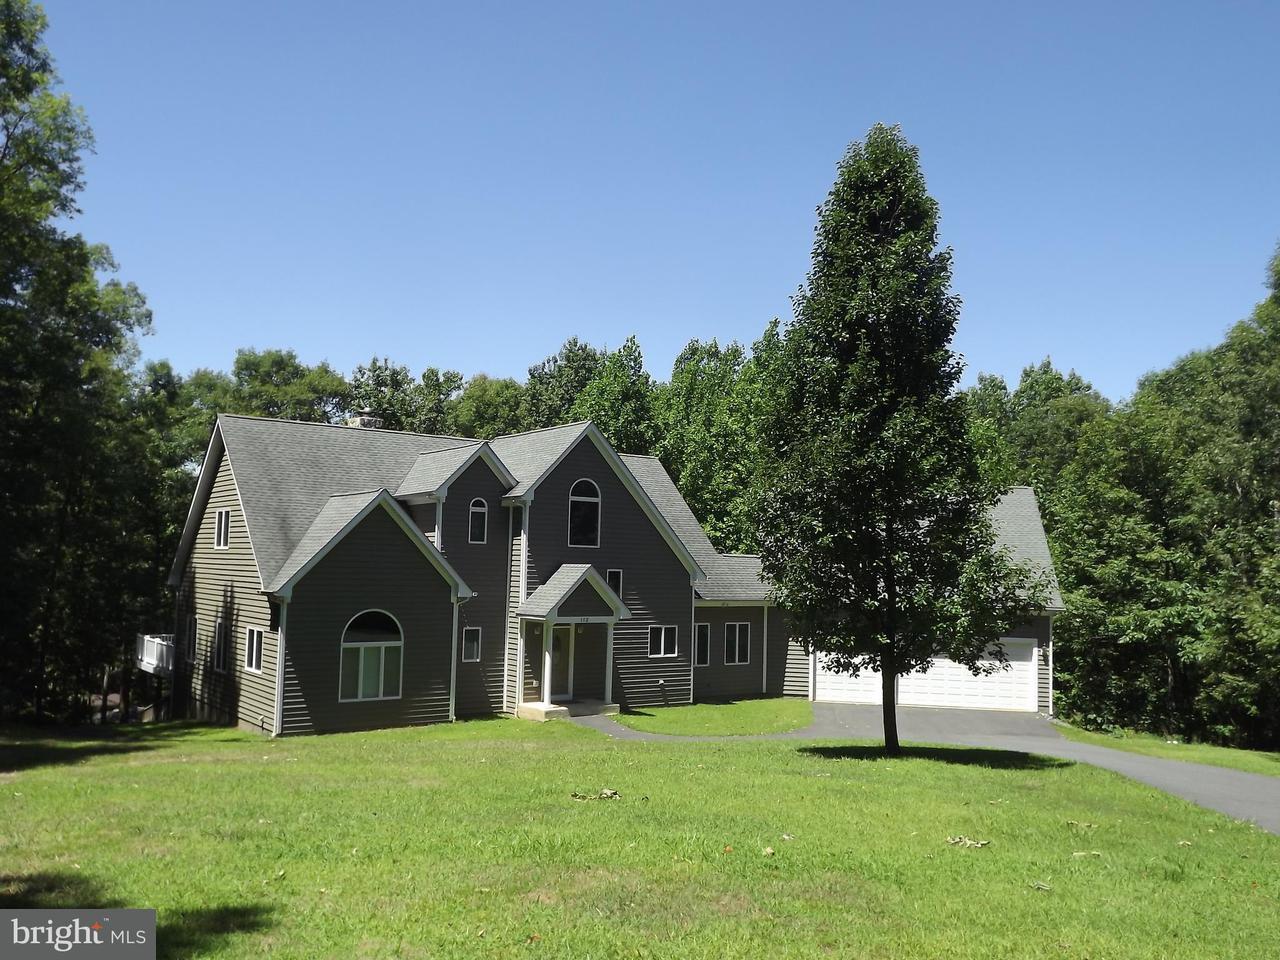 獨棟家庭住宅 為 出售 在 102 Tobys Run 102 Tobys Run Mineral, 弗吉尼亞州 23117 美國